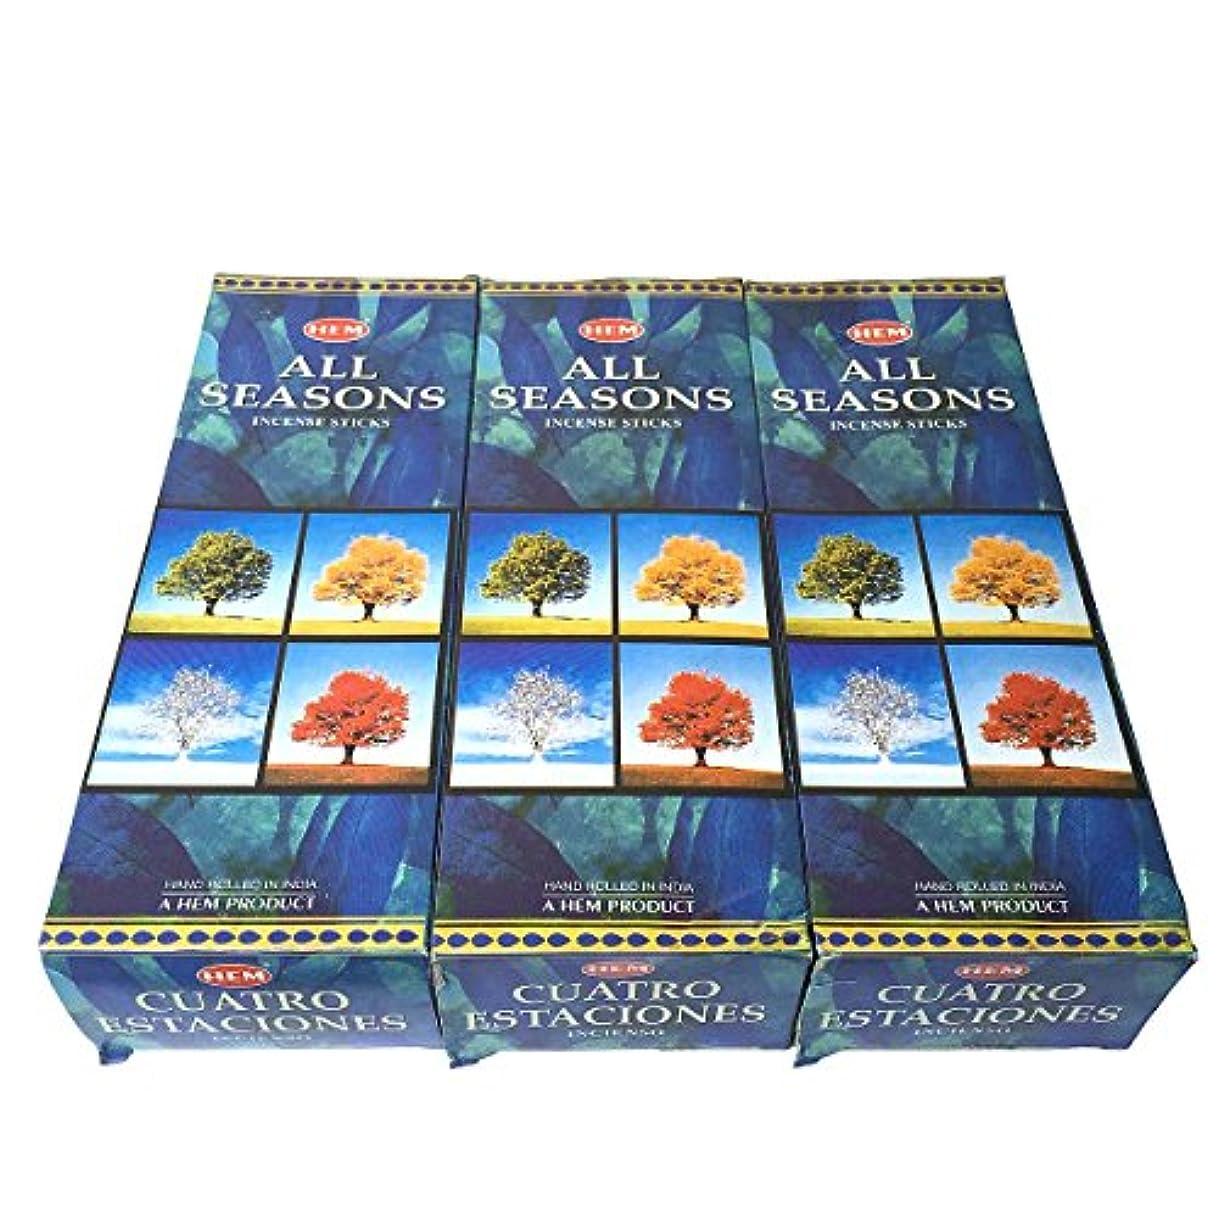 文房具遅い庭園オールシーズン香スティック 3BOX(18箱) /HEM ALL SEASONS/インセンス/インド香 お香 [並行輸入品]